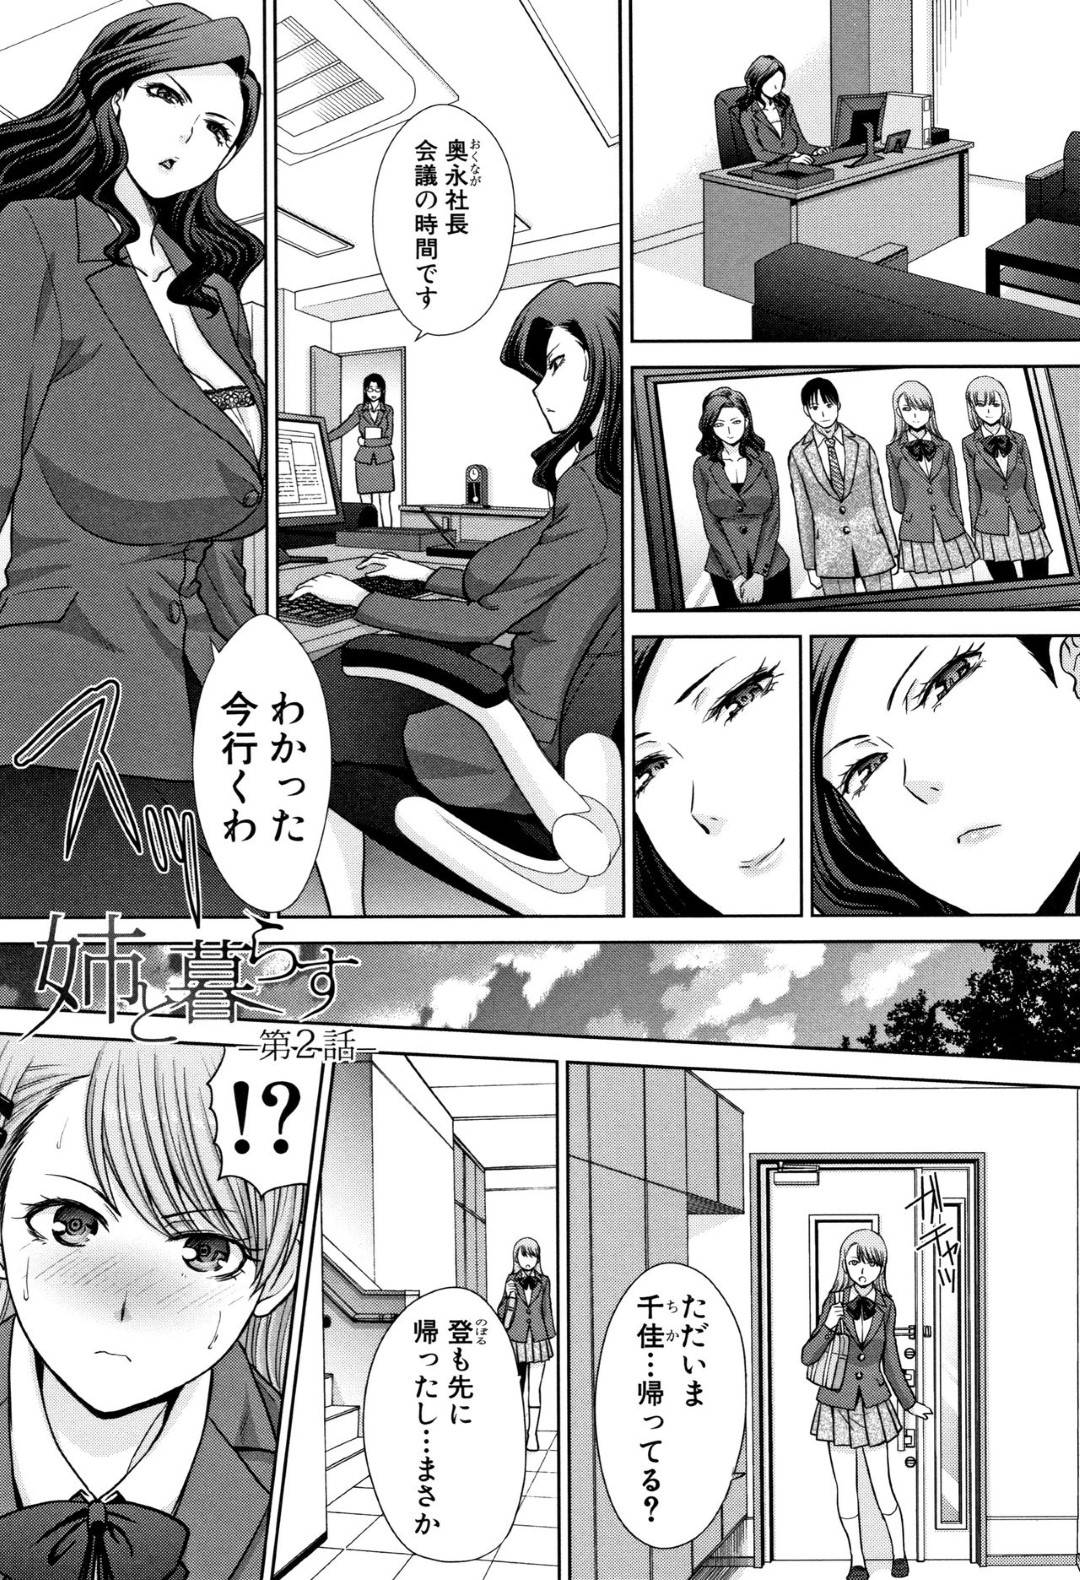 【義妹エロ漫画】登は階段やお風呂場で千佳とイチャラブ中出しセックス【板場広し】